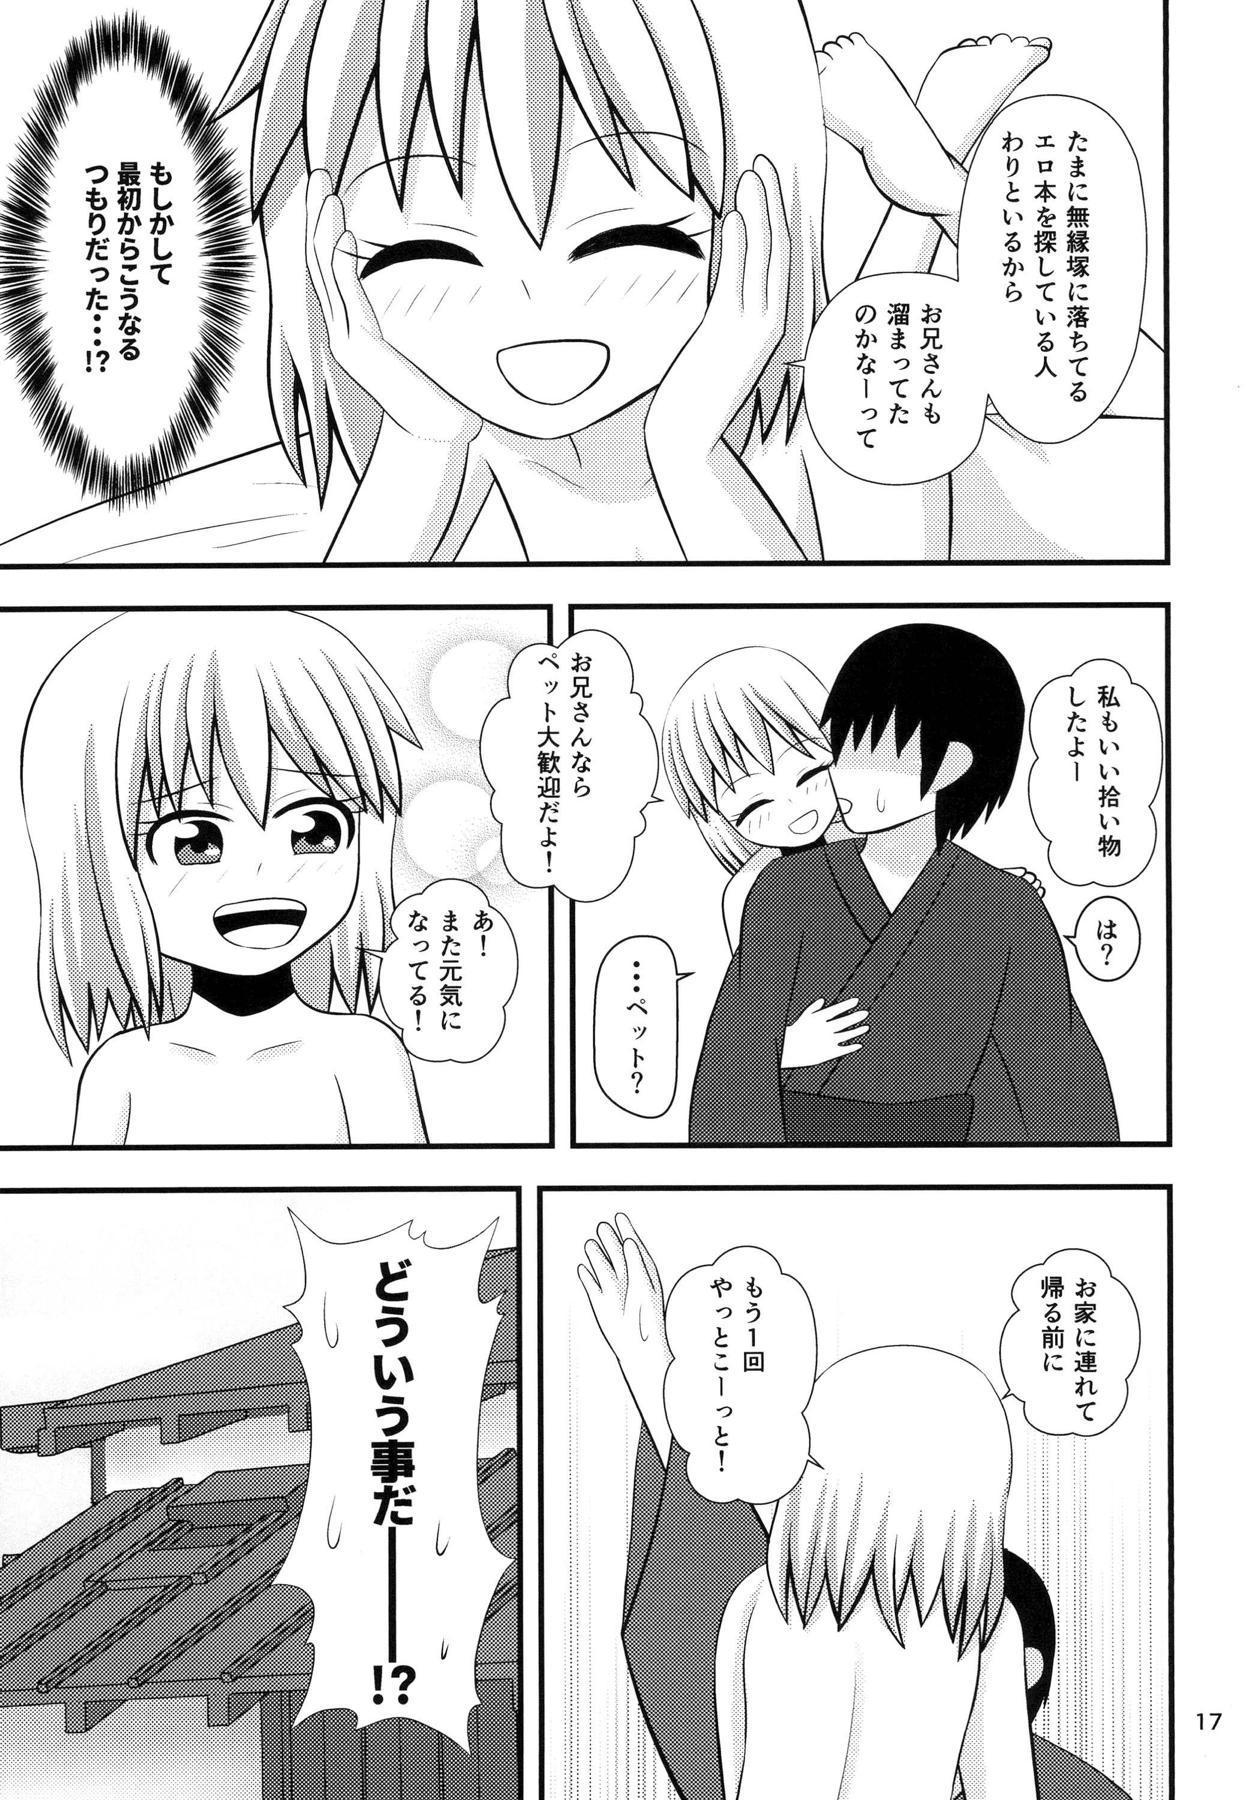 Koishi-chan no Seikatsu 15